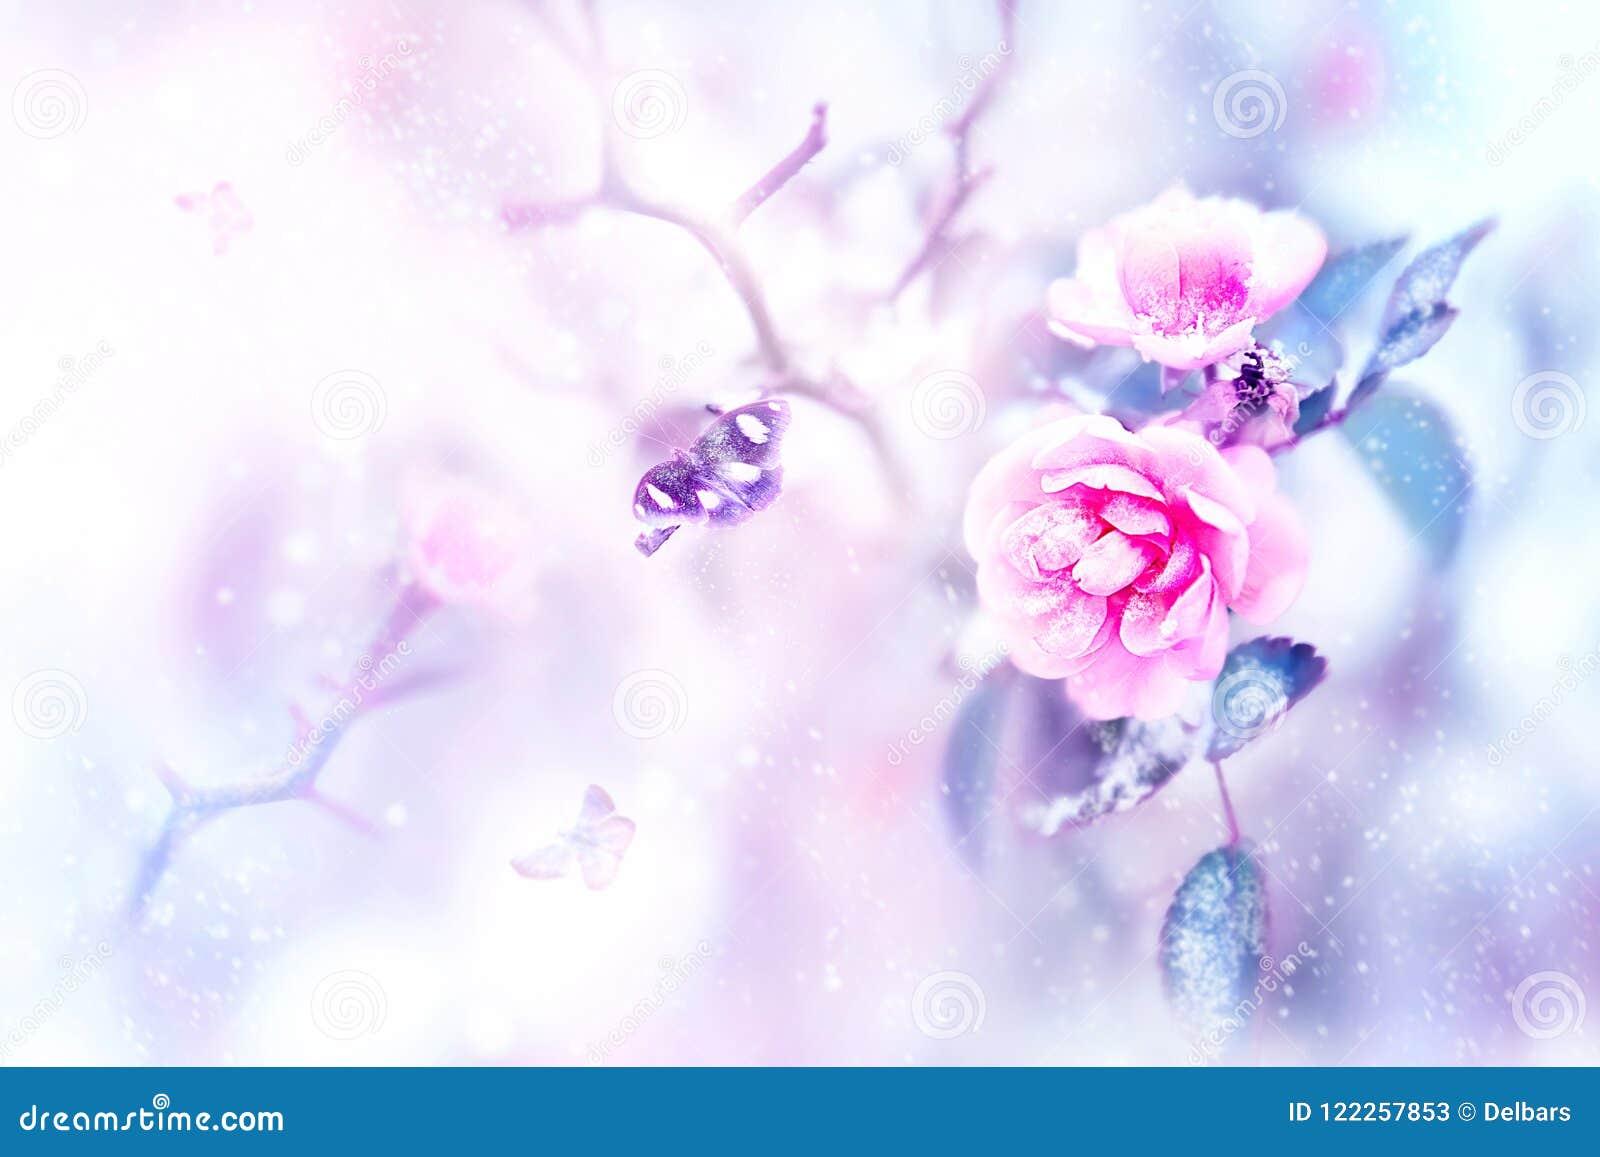 Rosas y mariposas en la nieve y helada rosadas hermosas en un fondo azul y rosado snowing Imagen natural del invierno artístico